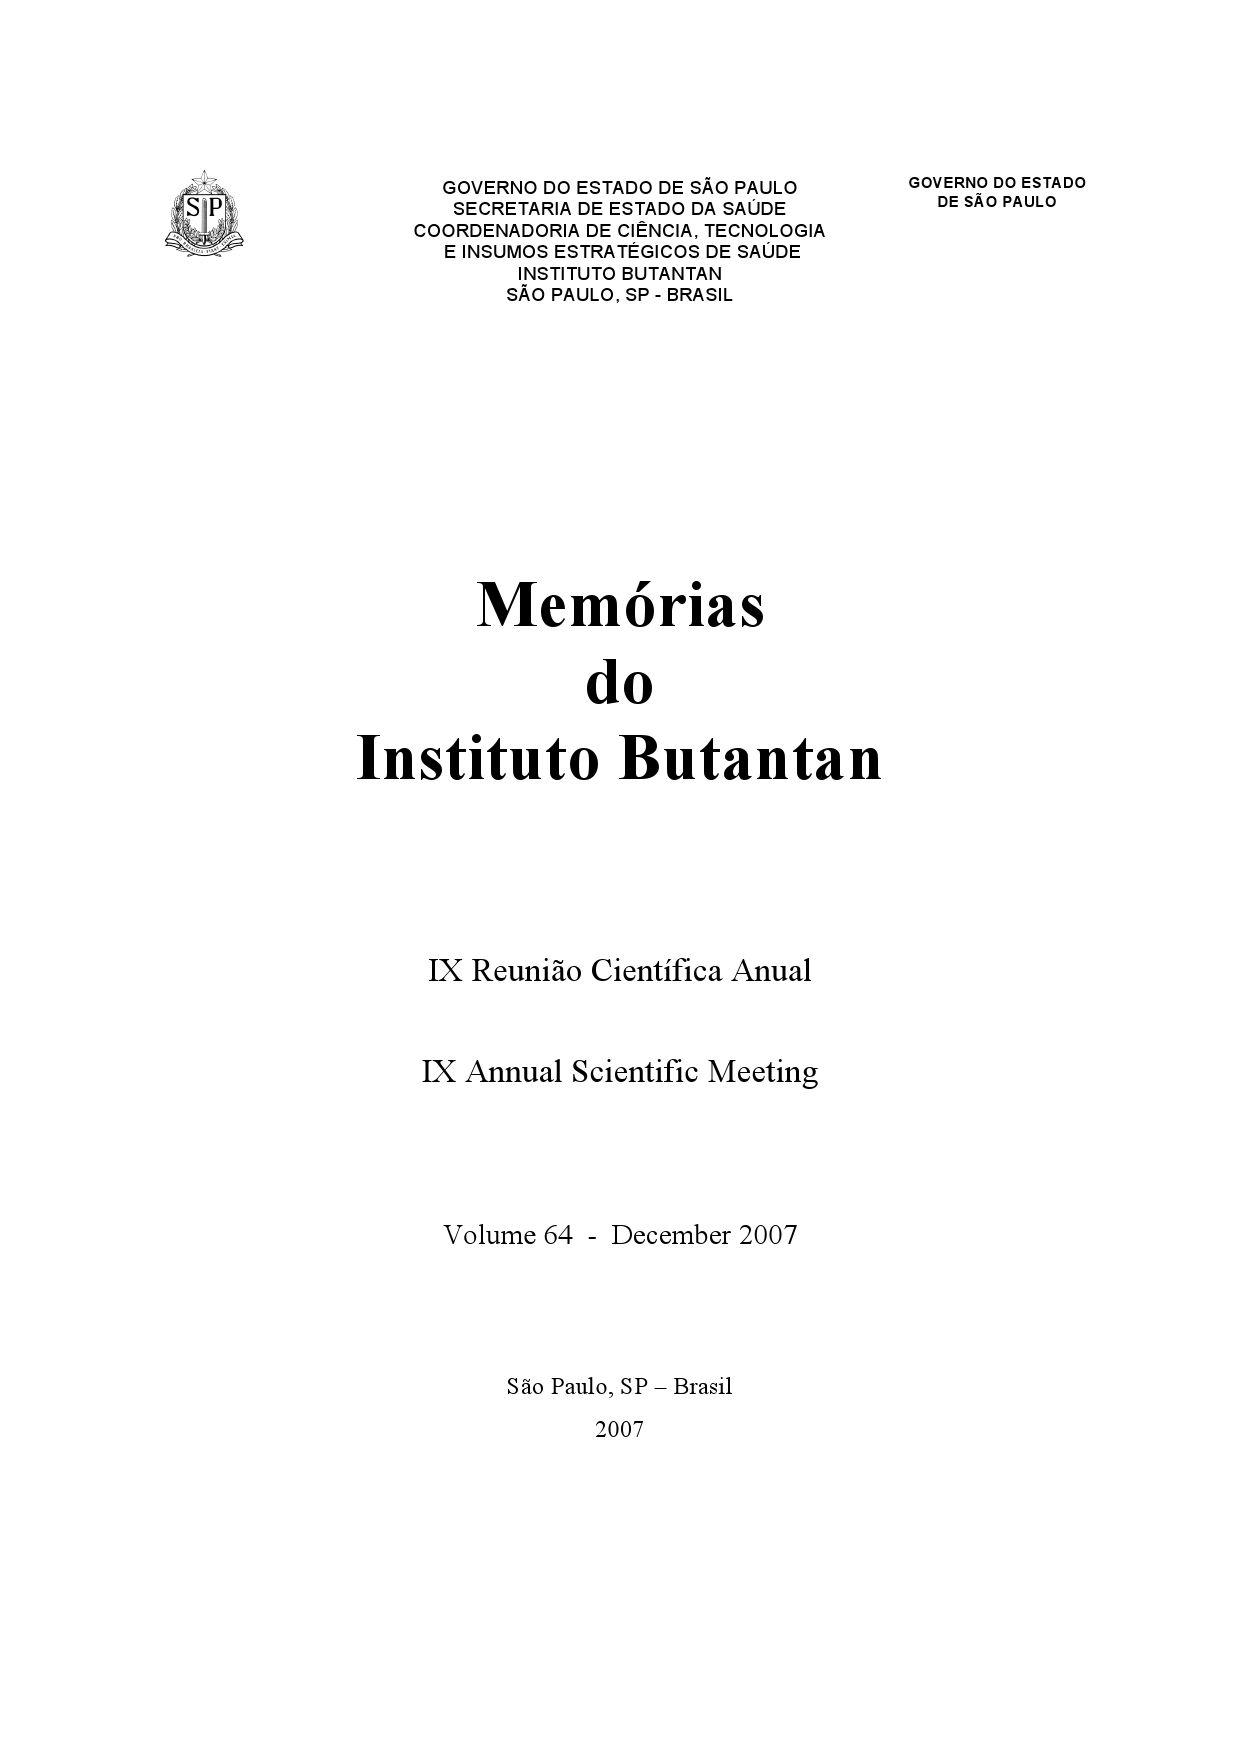 Memórias do Instituto Butantan by Luis Alejandro Rodriguez J